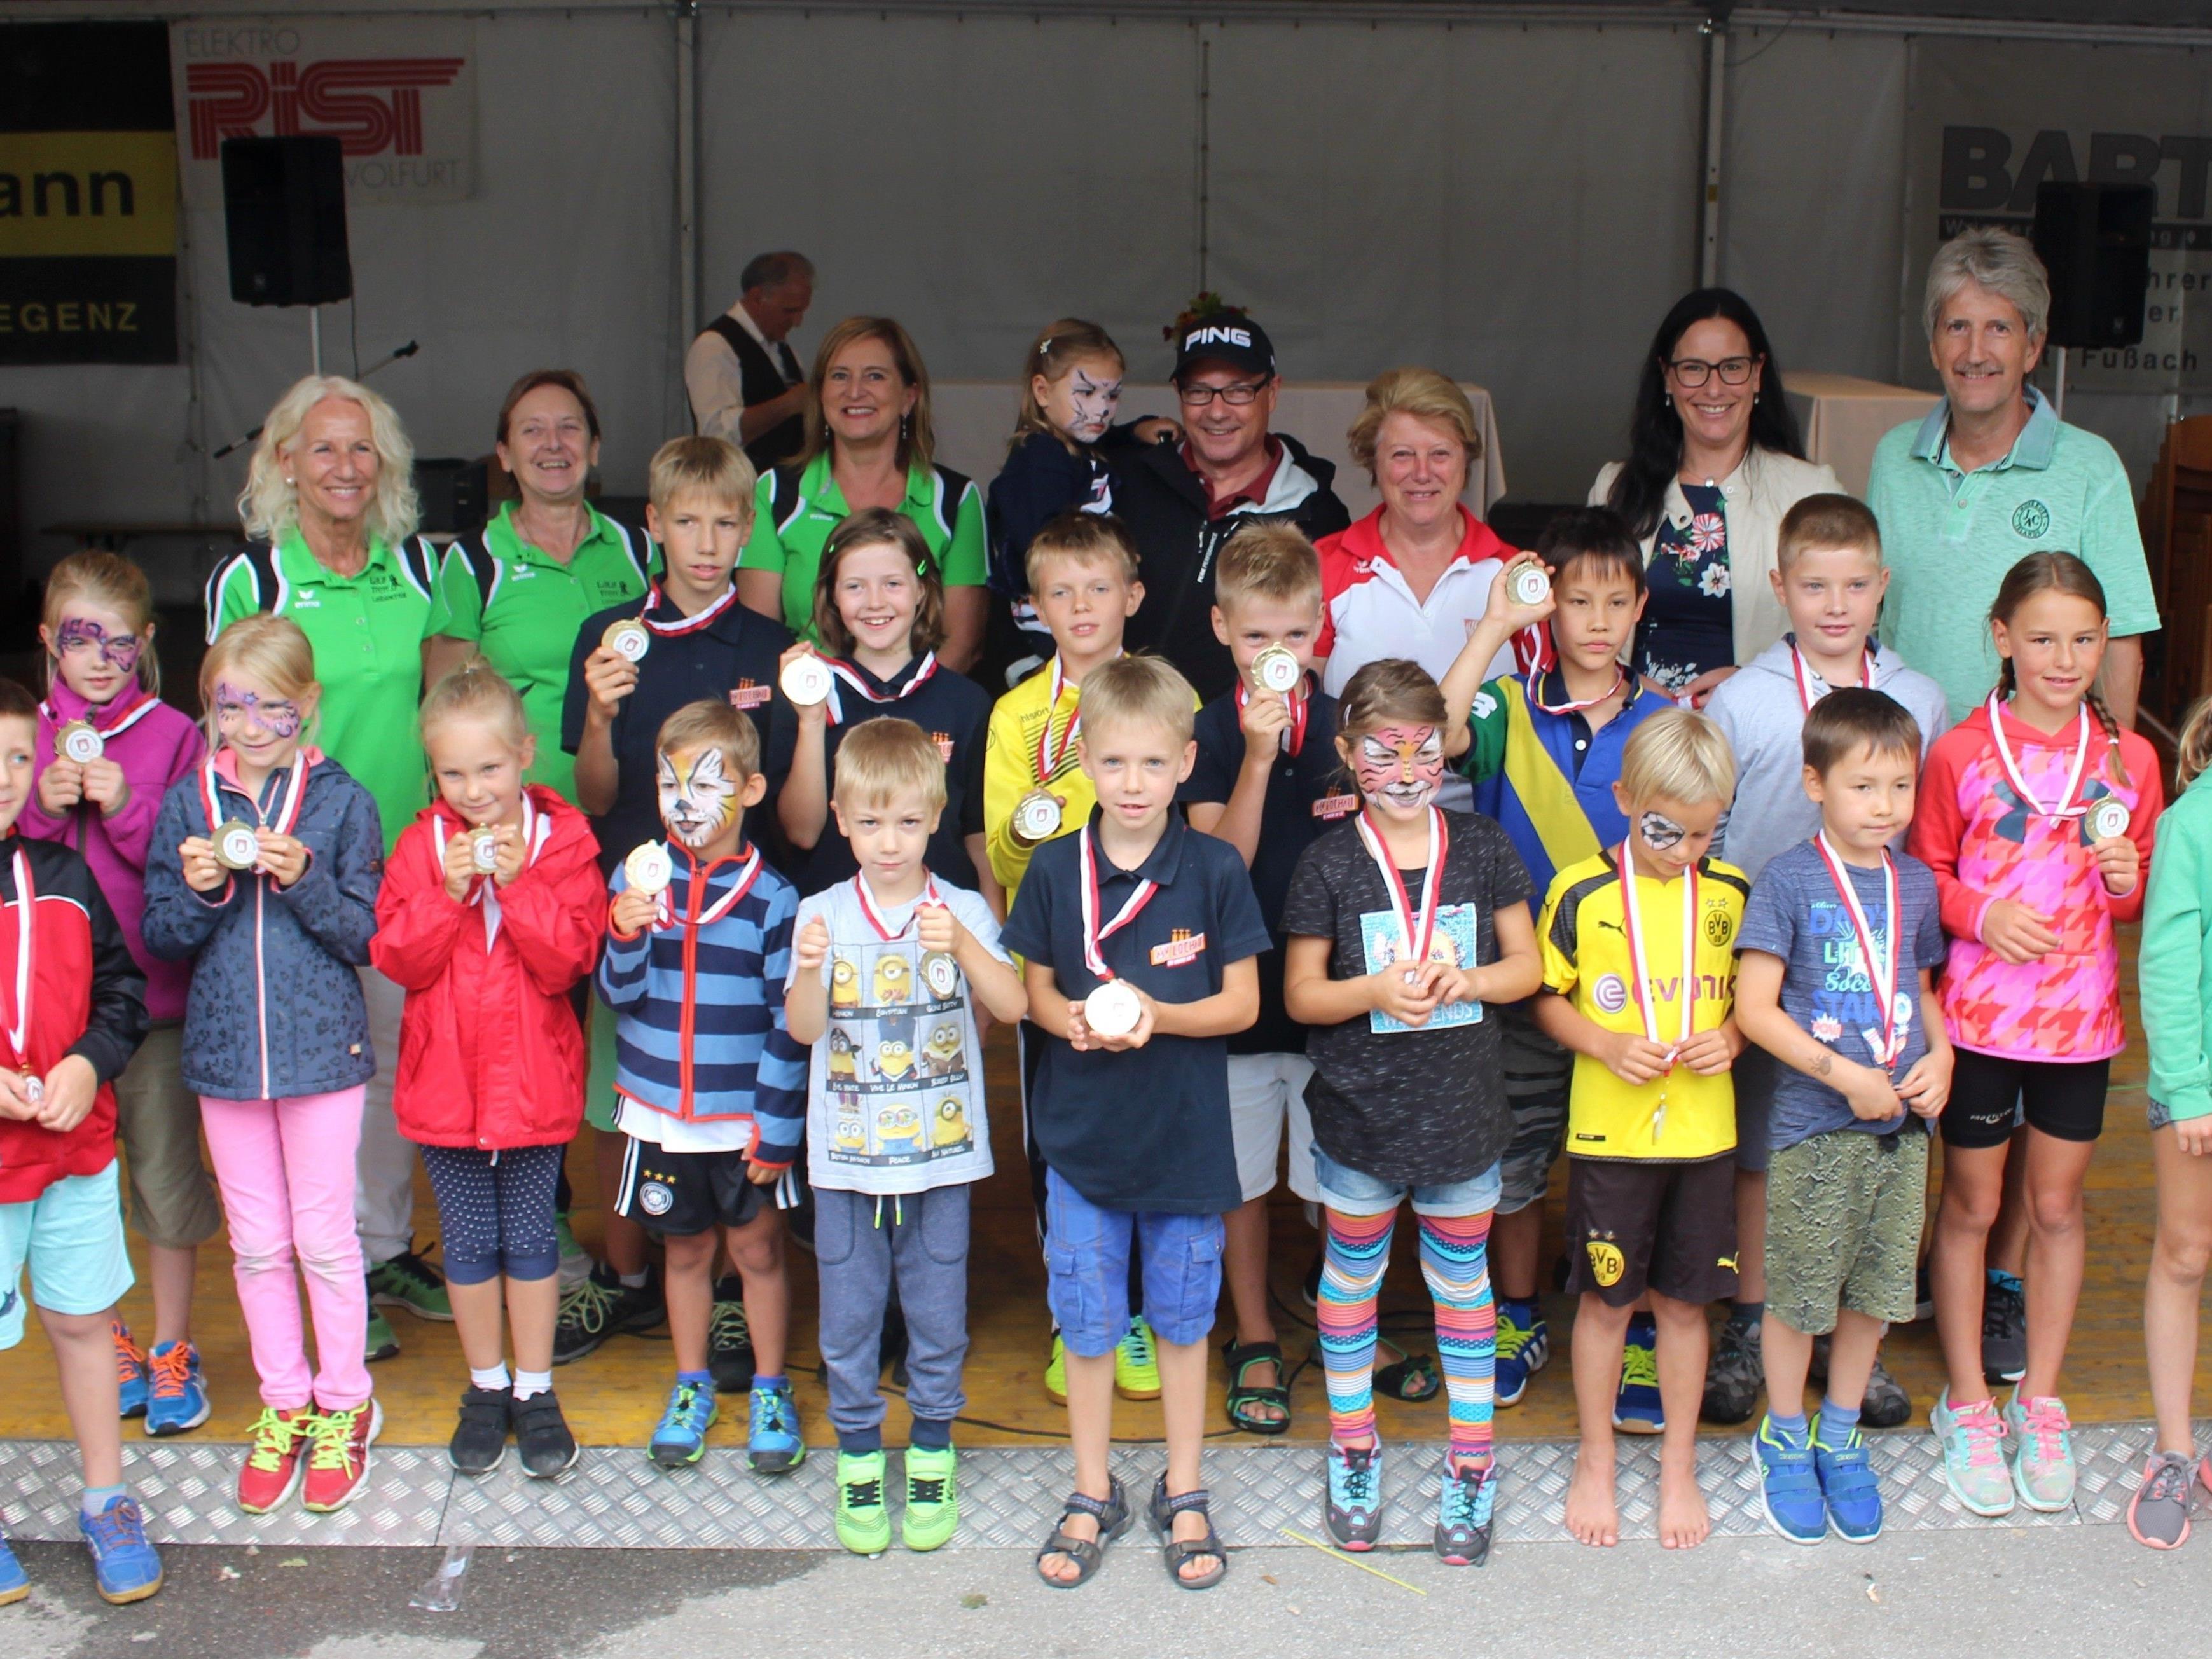 """Viel Spaß hatten die sportbegeisterten Kinder bei der """"Lochauer Kinderolympiade"""", und alle Teilnehmer erhielten für ihre Leistung eine tolle Medaille."""